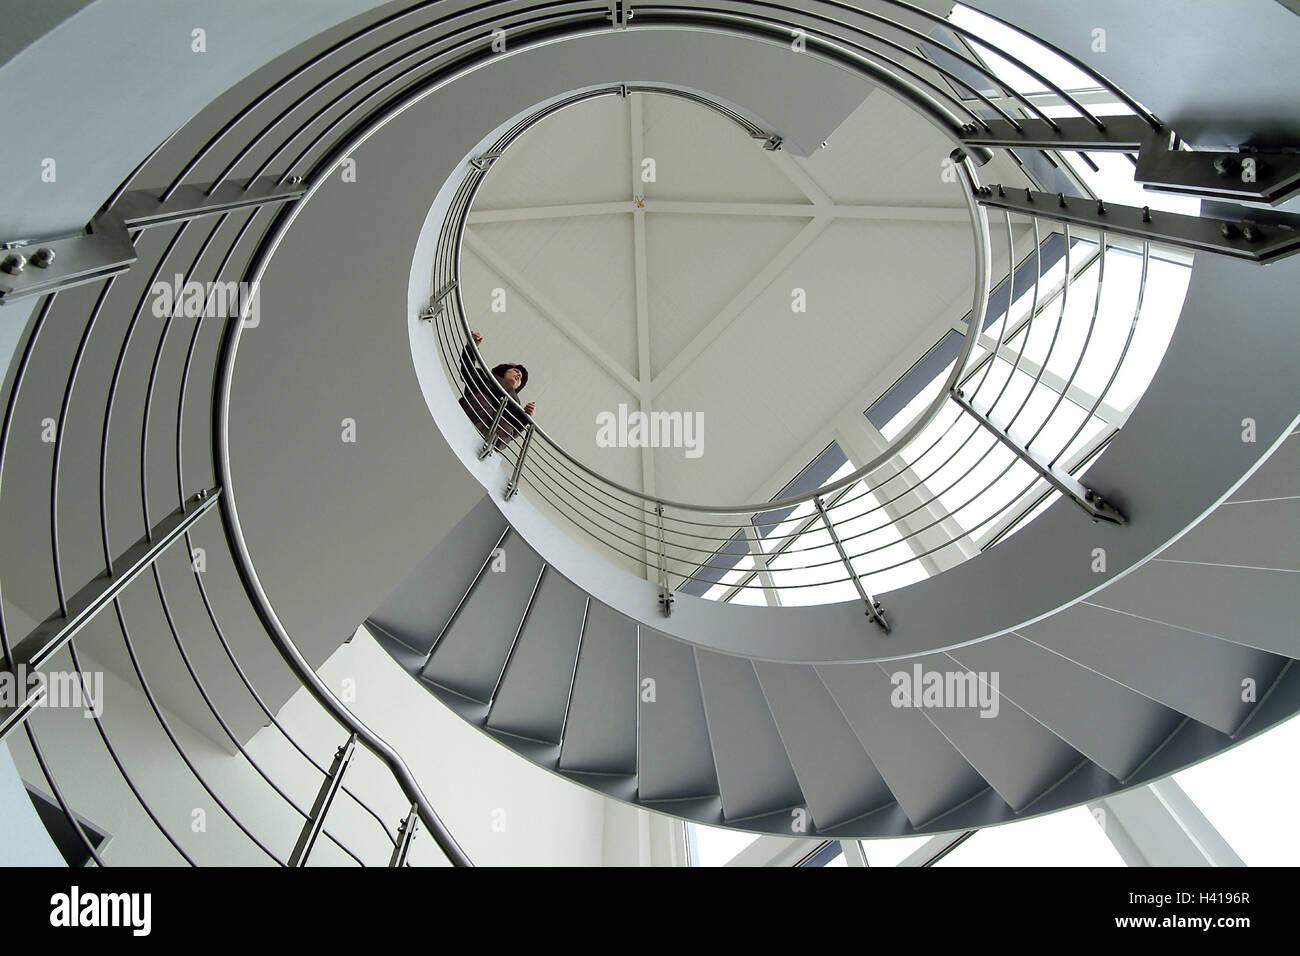 Treppen architektur design  Gebäude, innen, Wendeltreppe, Frau, Geländer, von unten, Architektur ...